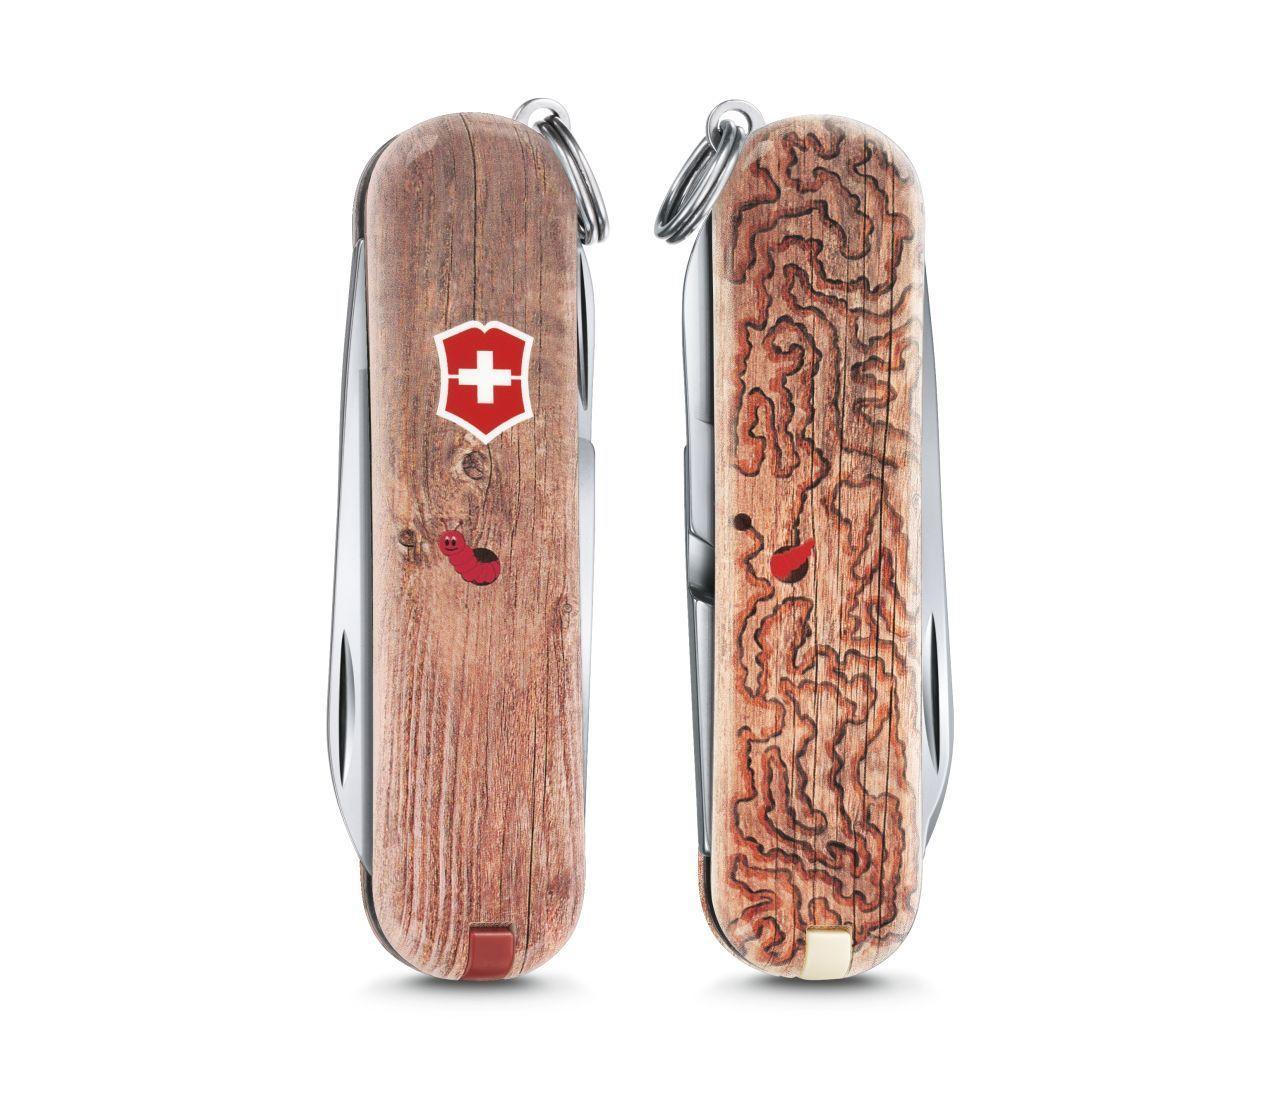 Складной нож Victorinox Classic limited edition 2017 Woodworm (0.6223.L1706) 58мм 7функций деревоШвейцарские армейские ножи Victorinox<br>Материал: высококачественная нержавеющая стальРукоять: глянцевый нейлонВес: 26.1г.<br>ФУНКЦИИ:<br><br>лезвие<br>ножницы<br>пилочка для ногтей с<br>отверткой 2.5 мм<br>кольцо для подвеса<br>зубочистка<br>пинцет<br>